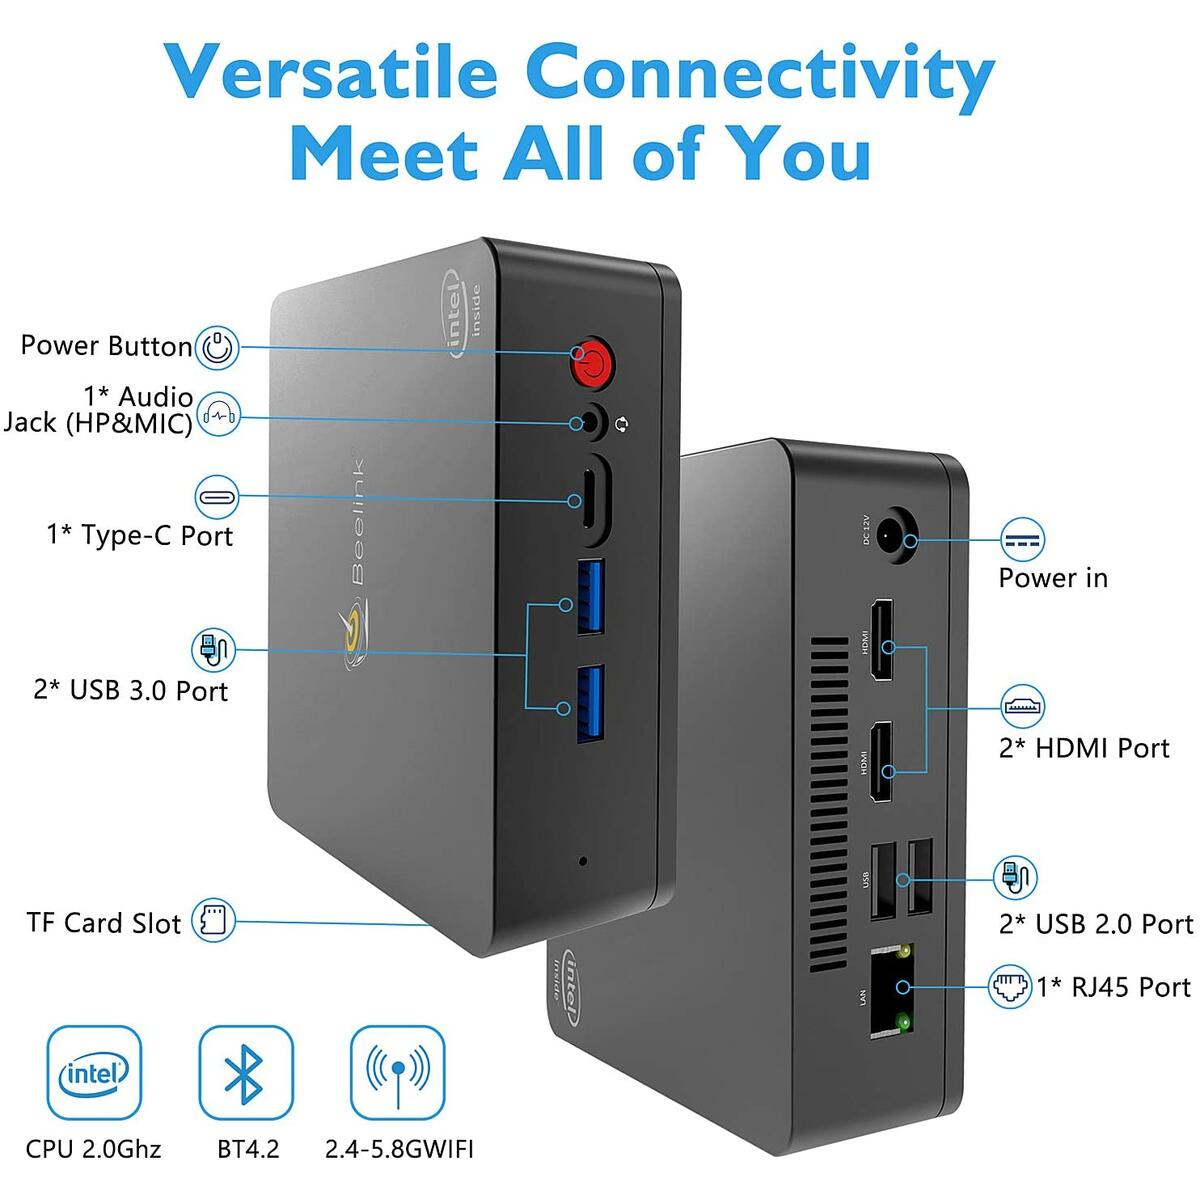 Beelink U55 Mini PC Windows 10 Pro, Intel Core i3-5005U Processor 8GB RAM 128GB SSD, 4K HD Dual HDMI USB 3.0 Port, Dual Band WiFi Gigabit Ethernet BT 4.2 Support Auto Power On (Beelink U55 8GB/128GB)